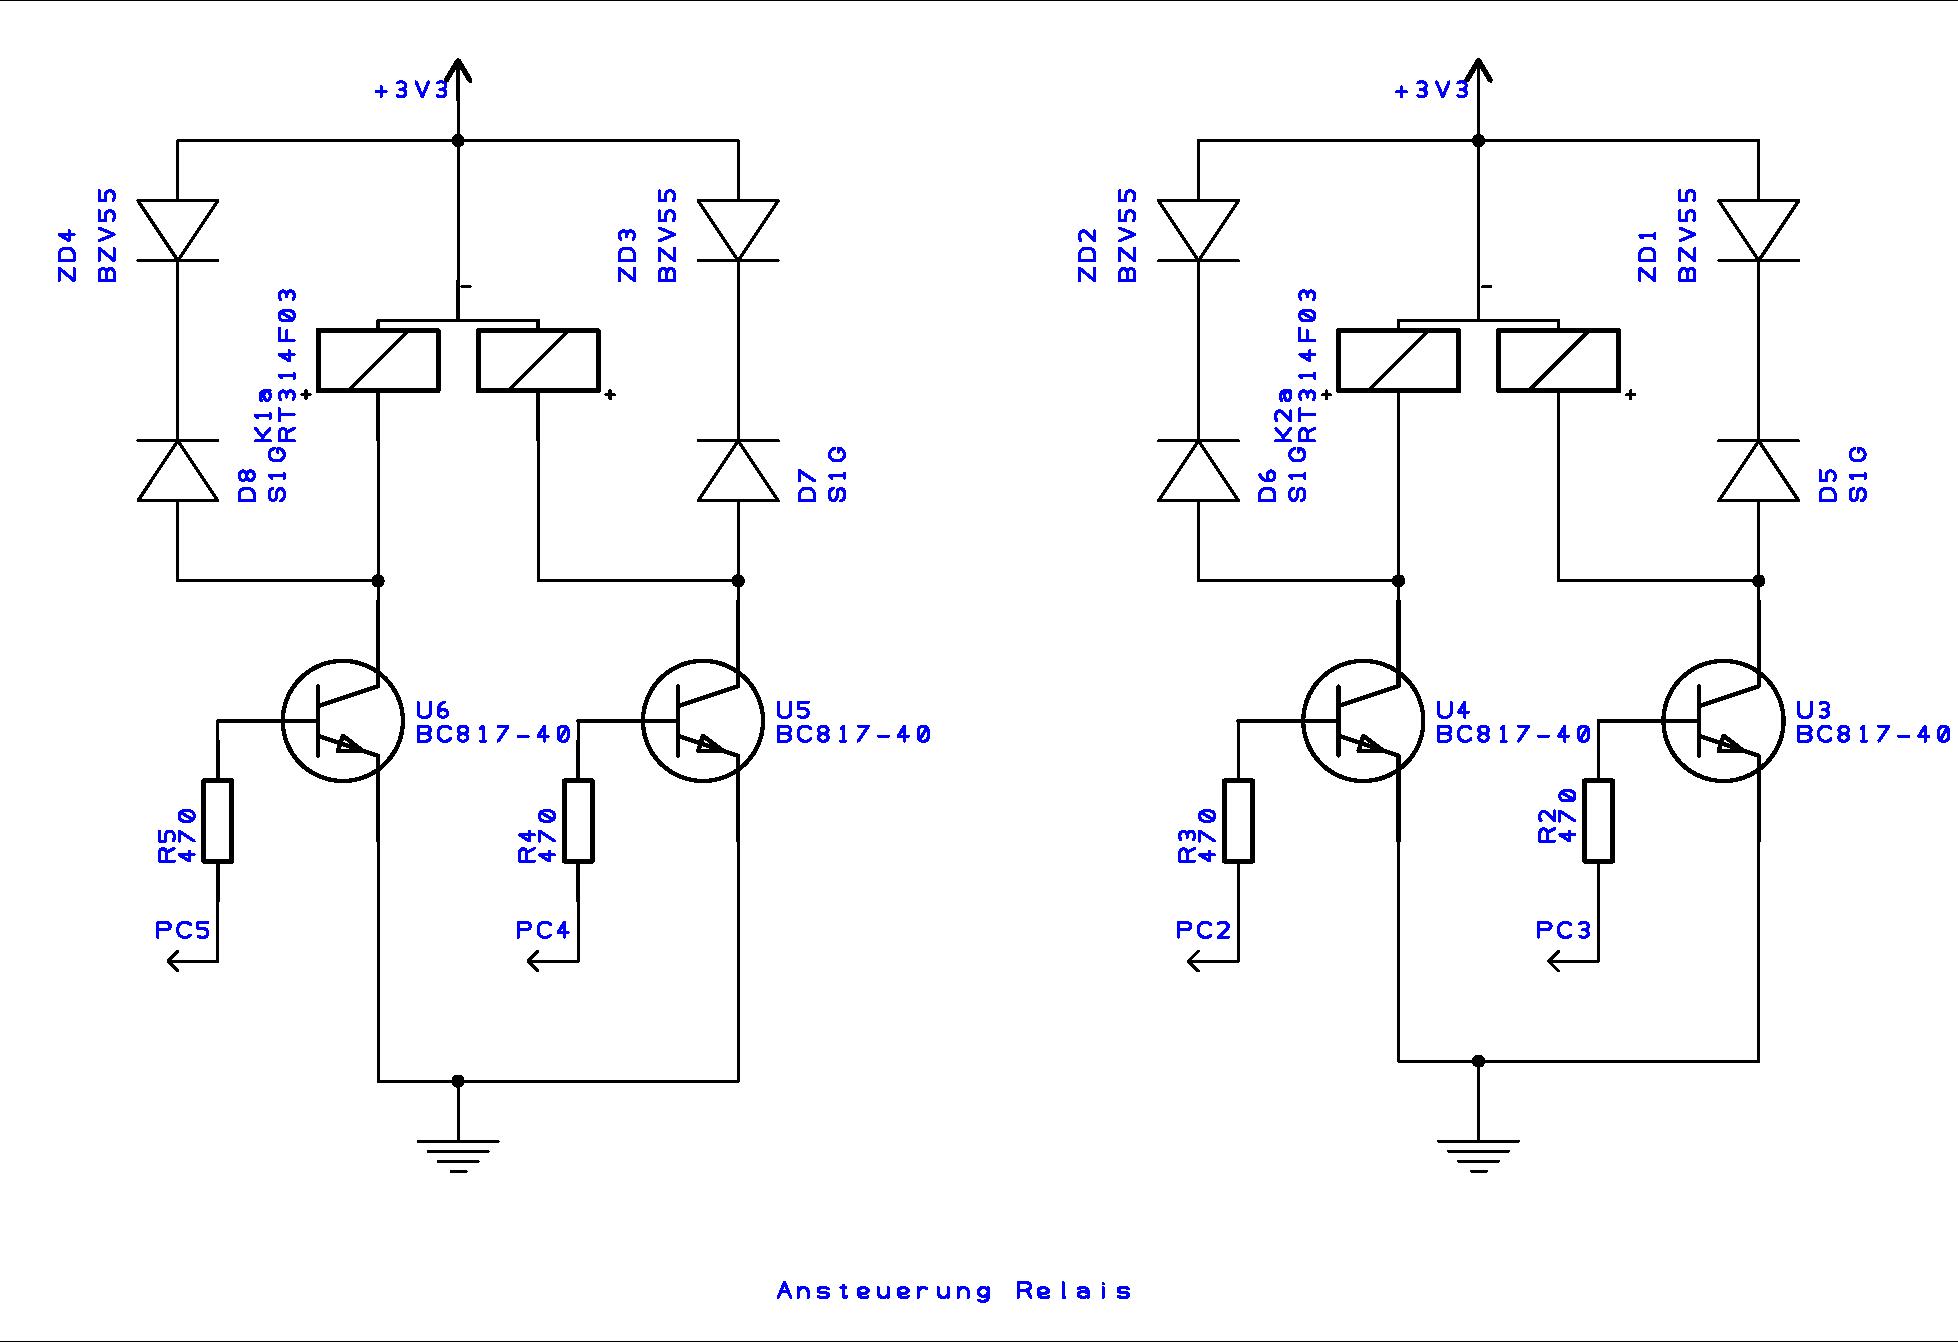 Bitte um Durchsicht eines Schaltplans - Mikrocontroller.net